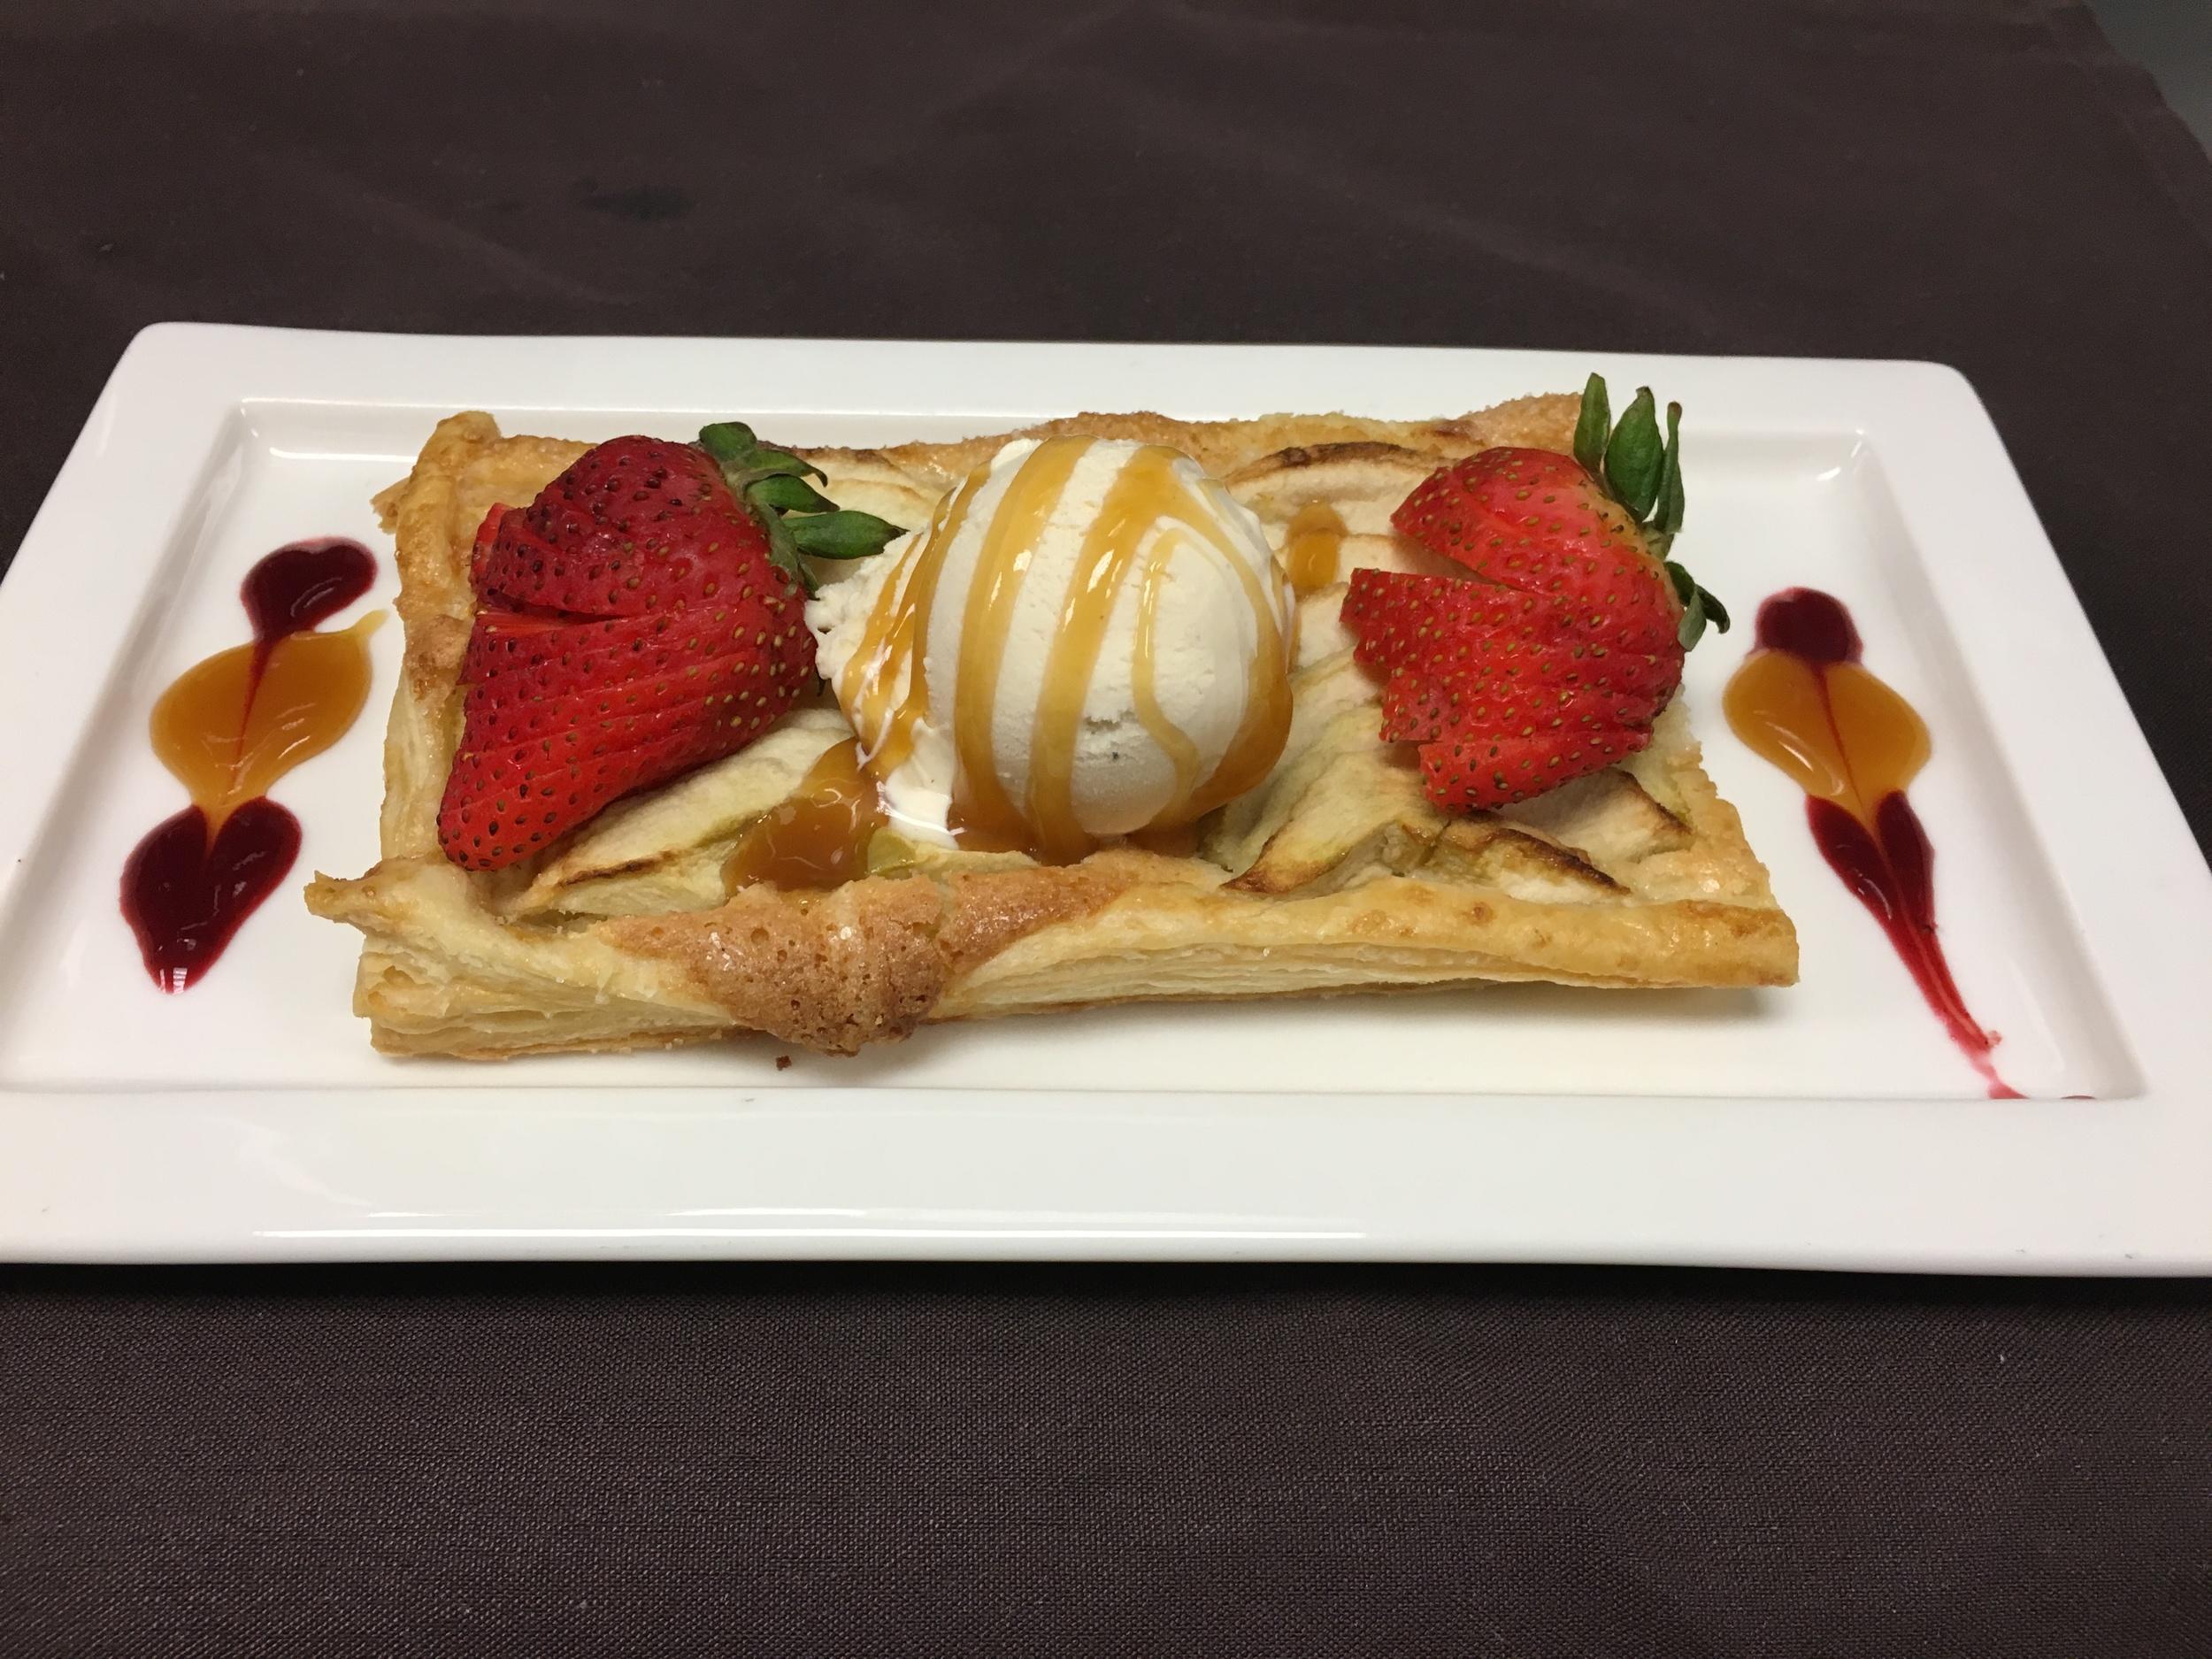 Filo Apple Tart with caramel sauce and vanilla ice cream